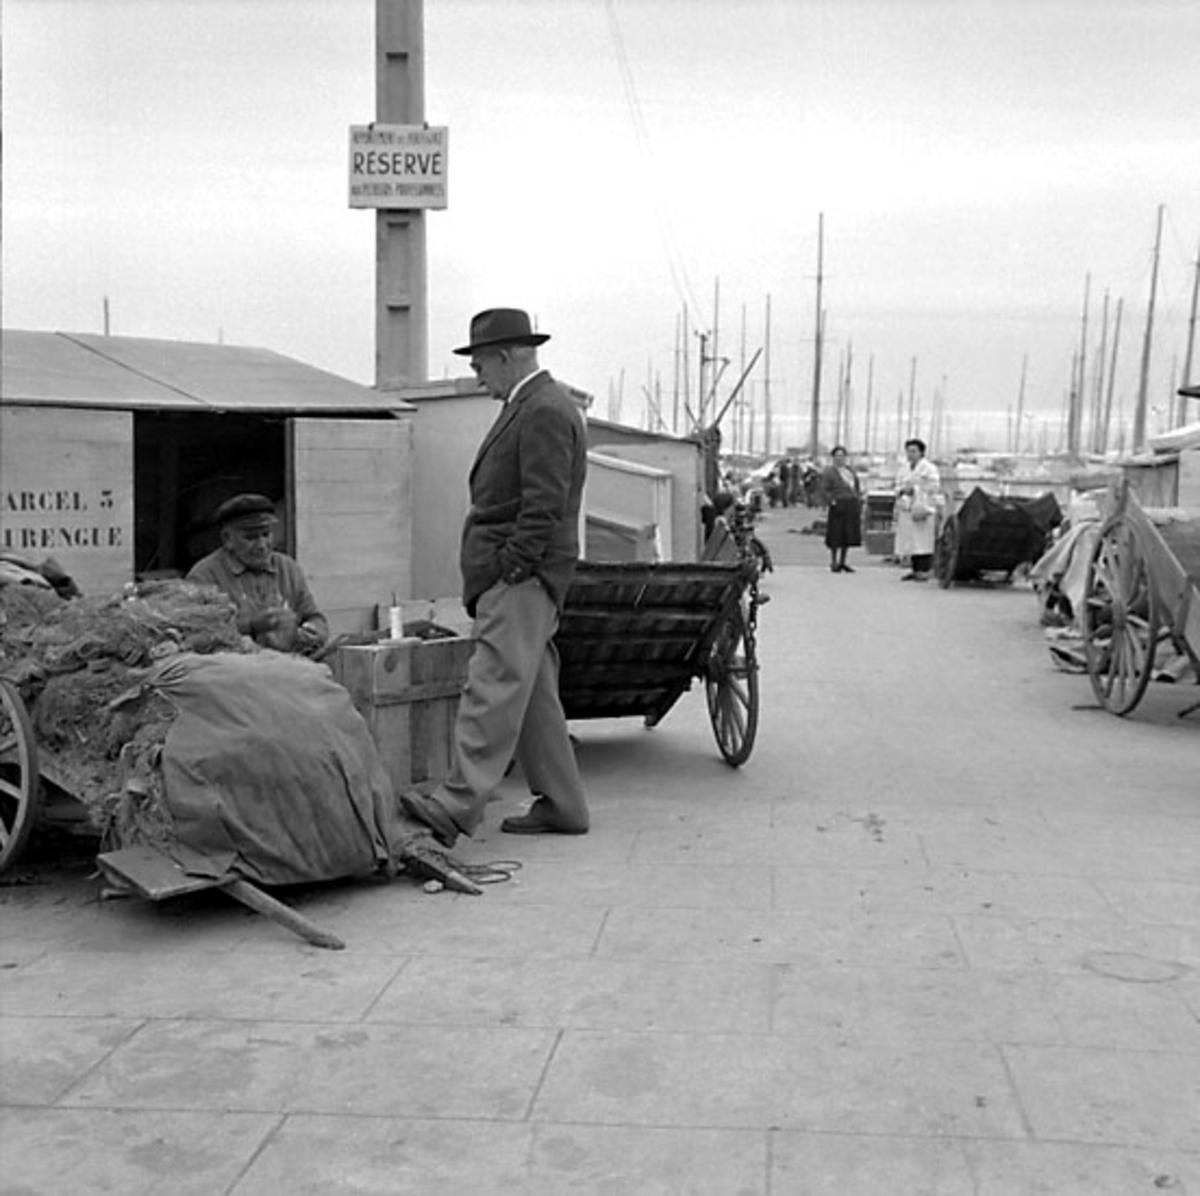 26. Frankrike. Fotojournal finns på B.M.A. + fotoalbum. Samtidigt förvärv: Böcker och arkivmaterial. Foton tagna 1959-11-05. 12 Bilder i serie.